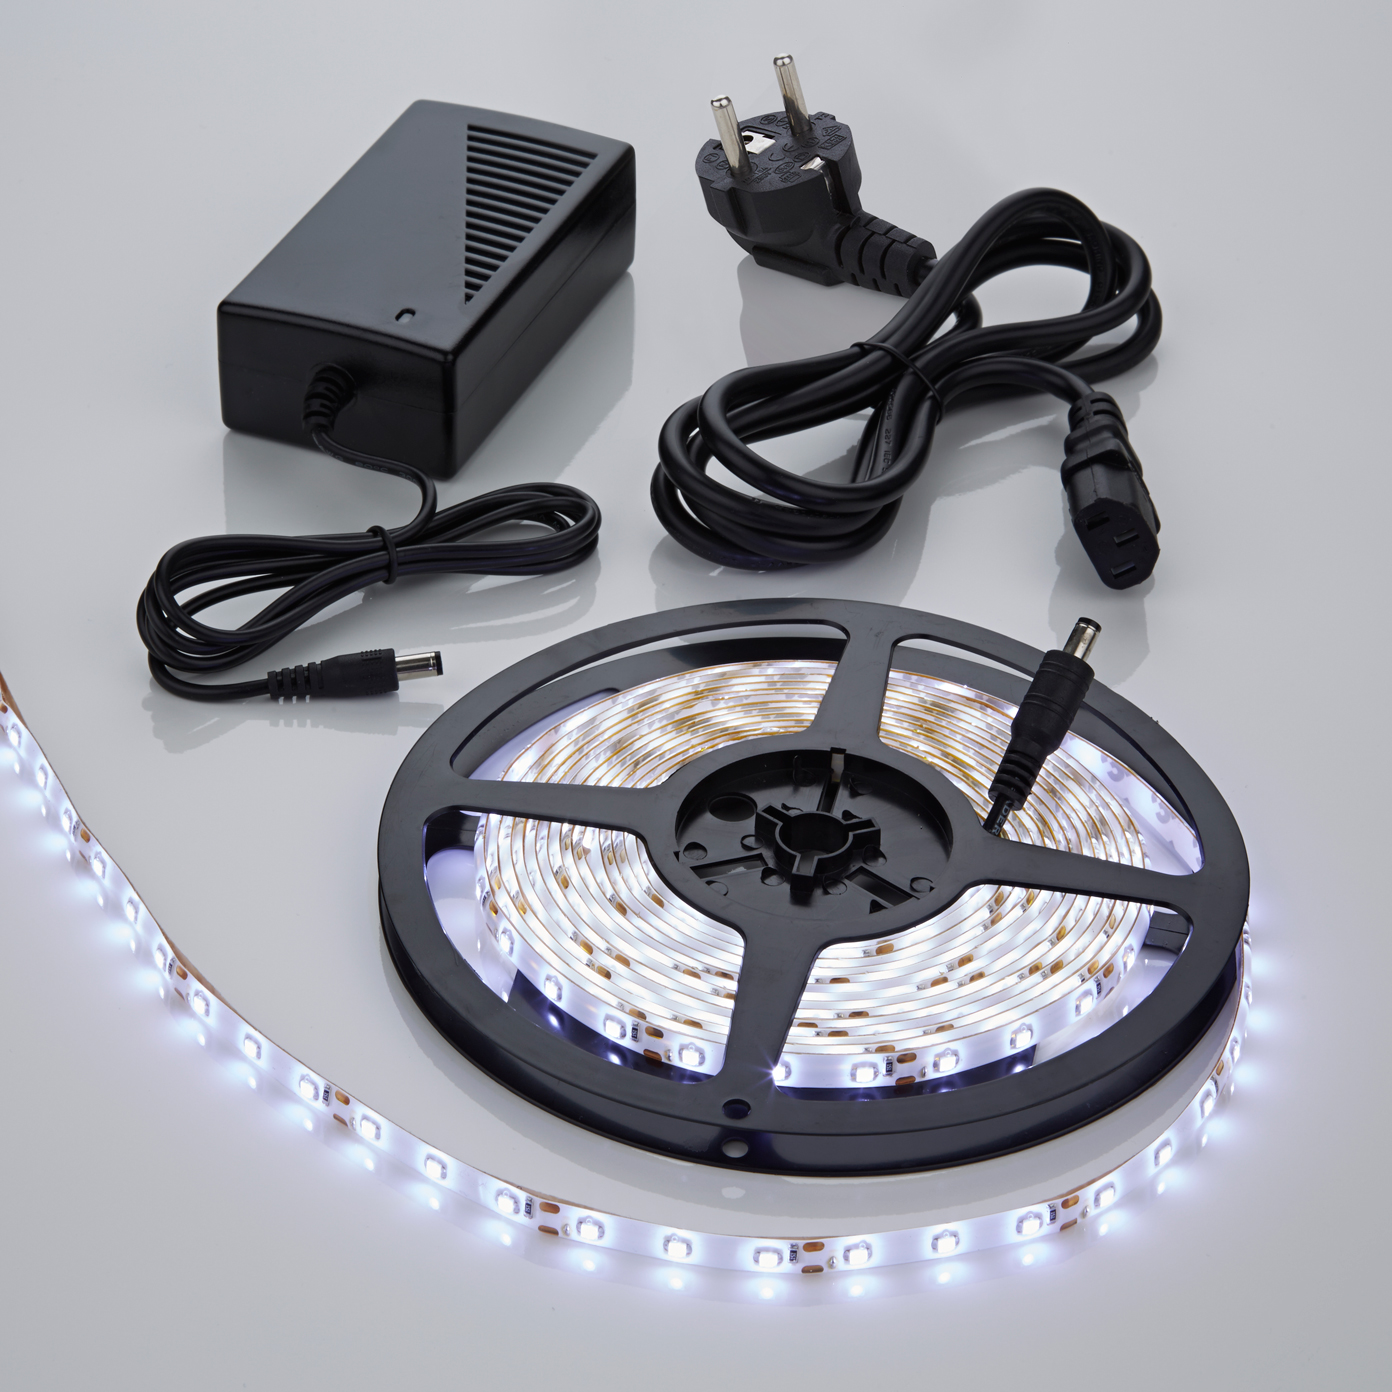 Biard 5m 3528 300 LED Strip Set, kühles Weiß, wasserdicht, inkl. Netzteil